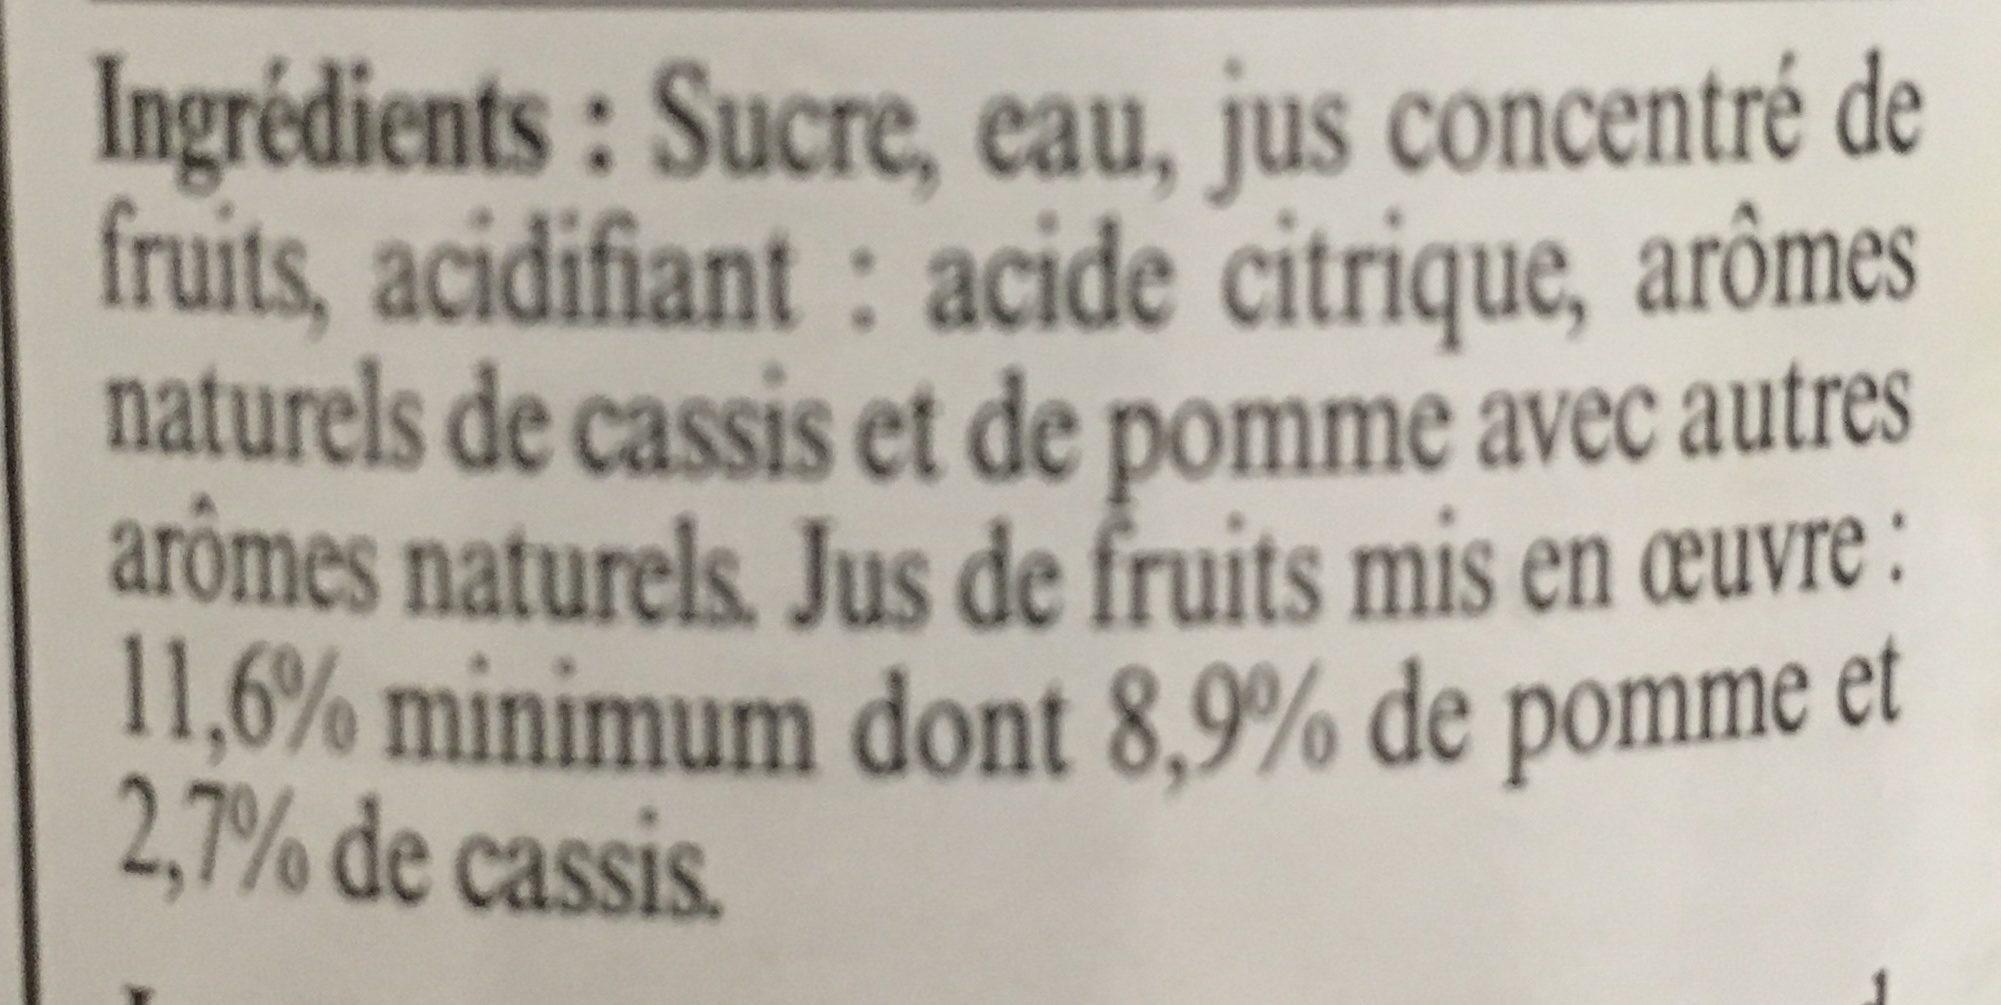 Sirop de pomme cassis - Ingrédients - fr